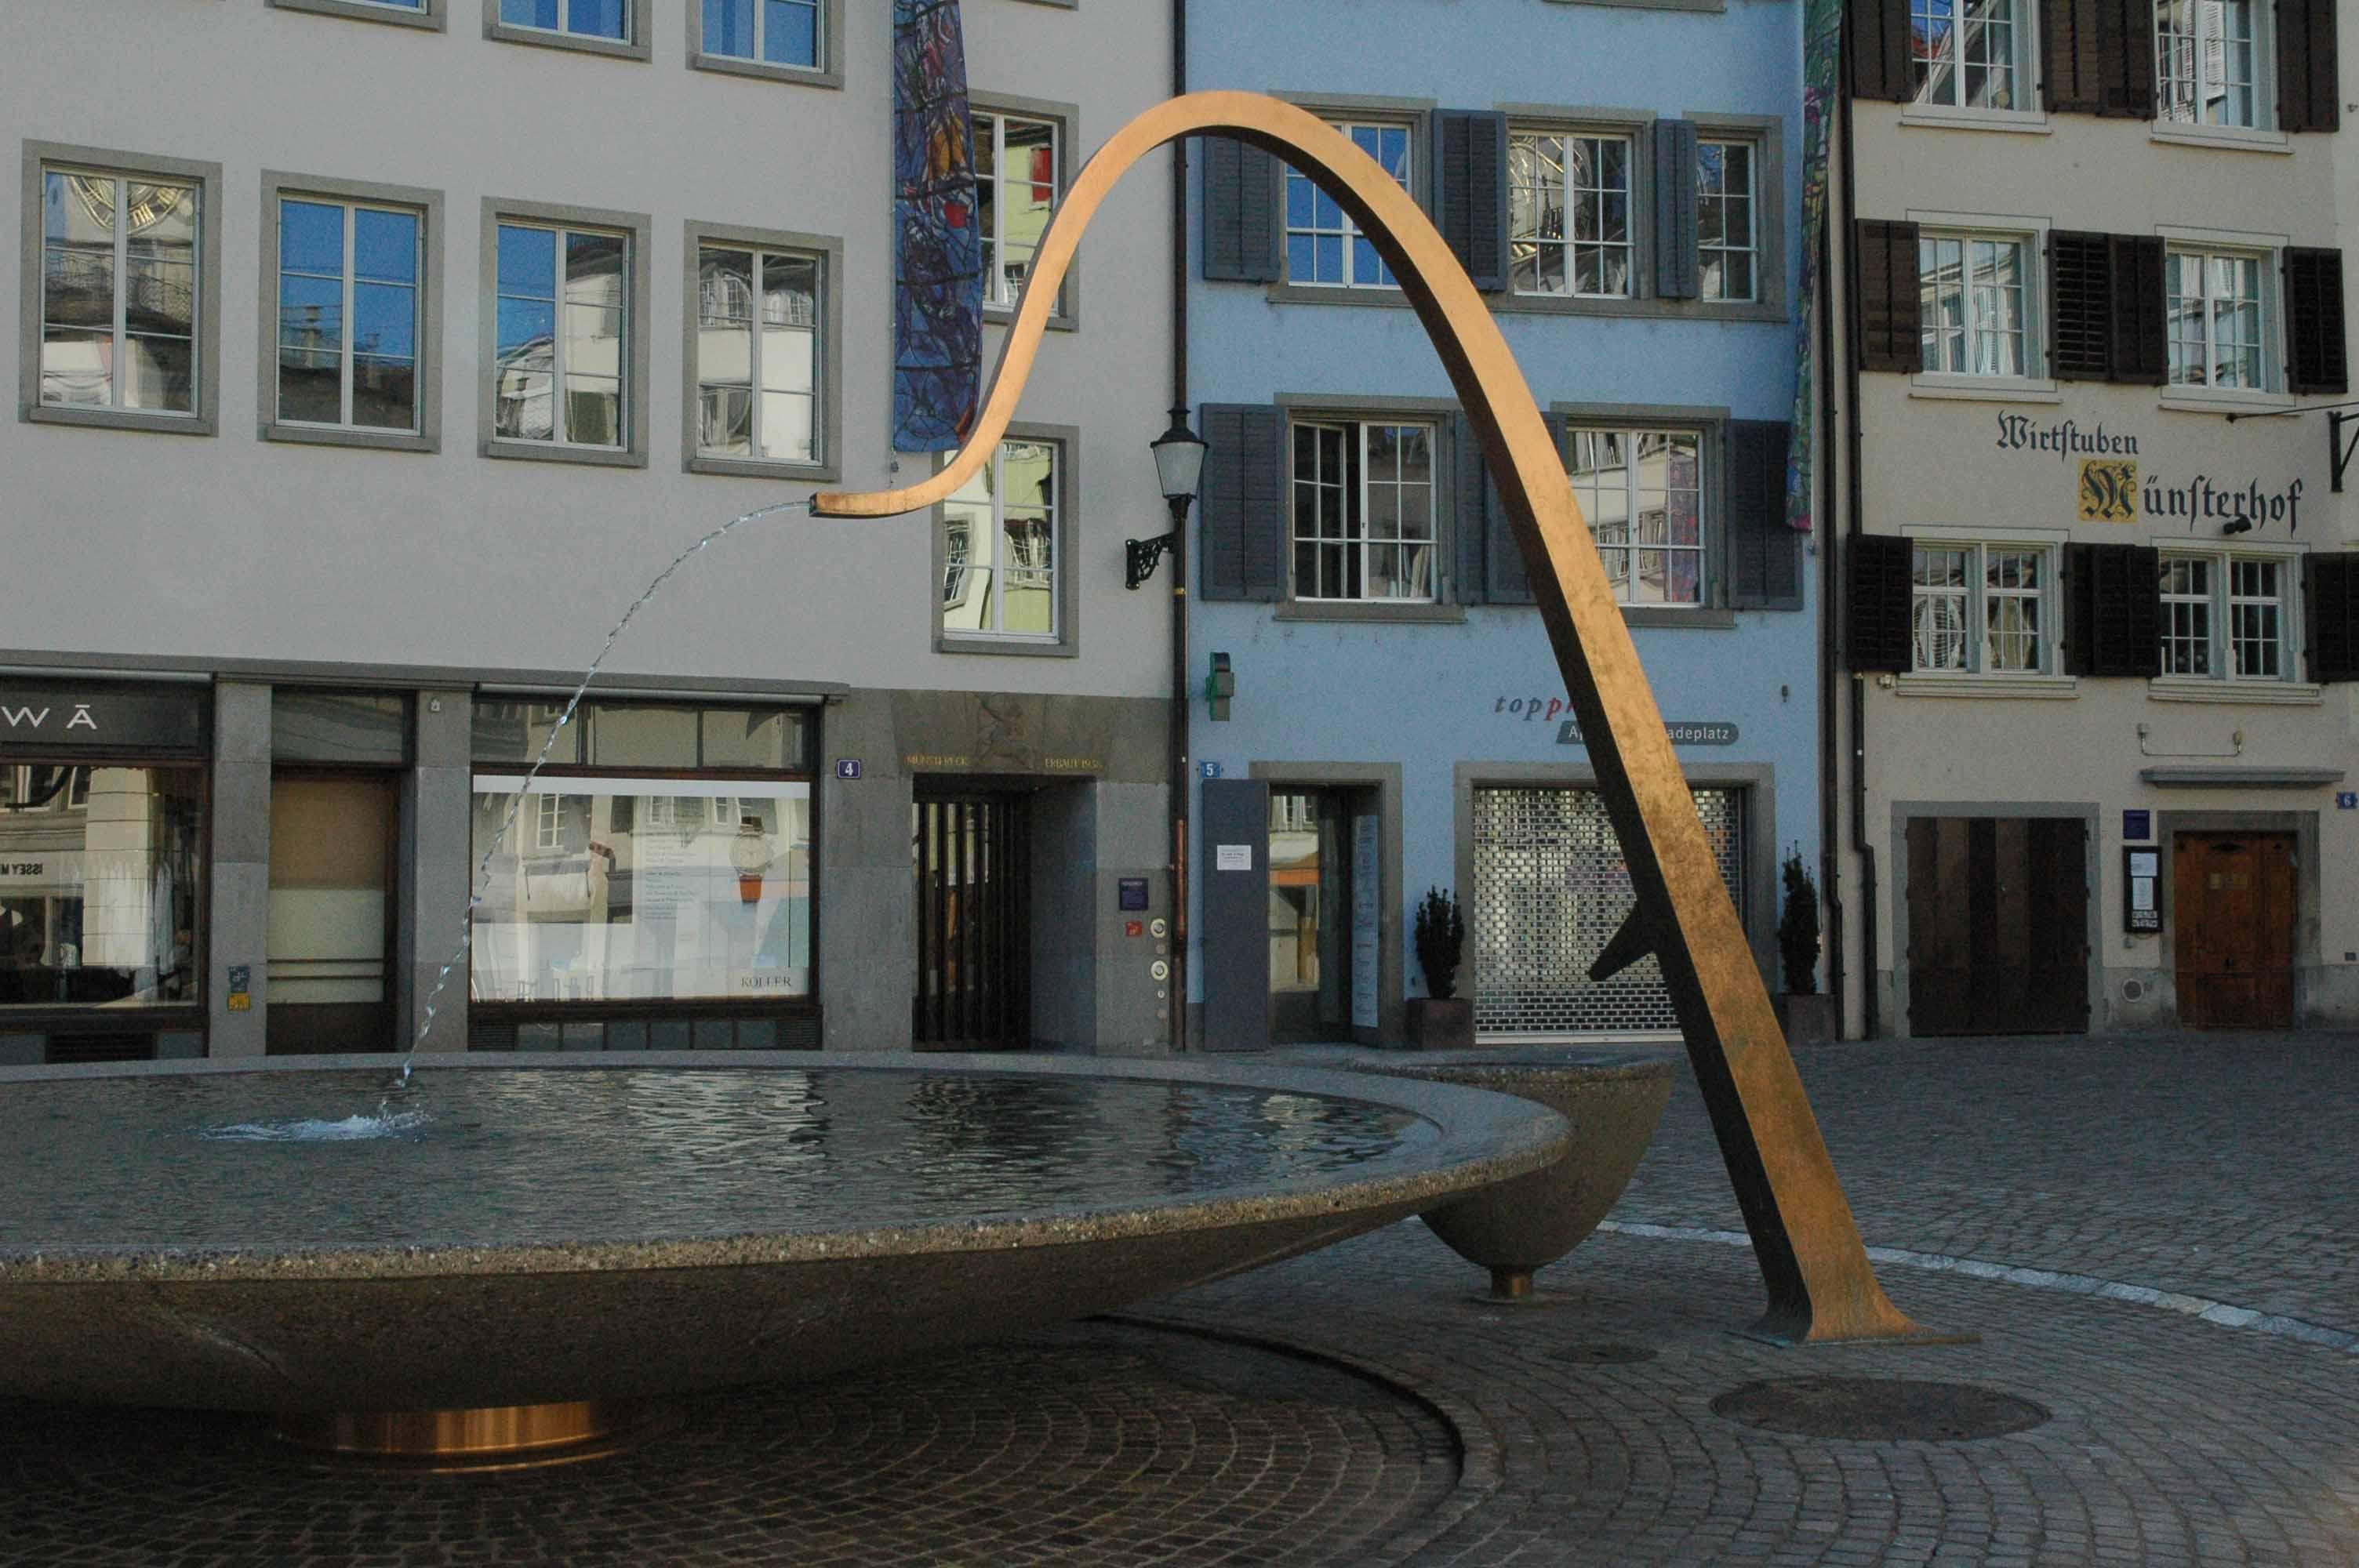 Durch ein markant geschwungenes kupfernes Brunnenrohr fliesst Wasser in ein grosses kreisrundes Becken auf dem Münsterhof in Zürich. Foto © Barbara Hutzl-Ronge